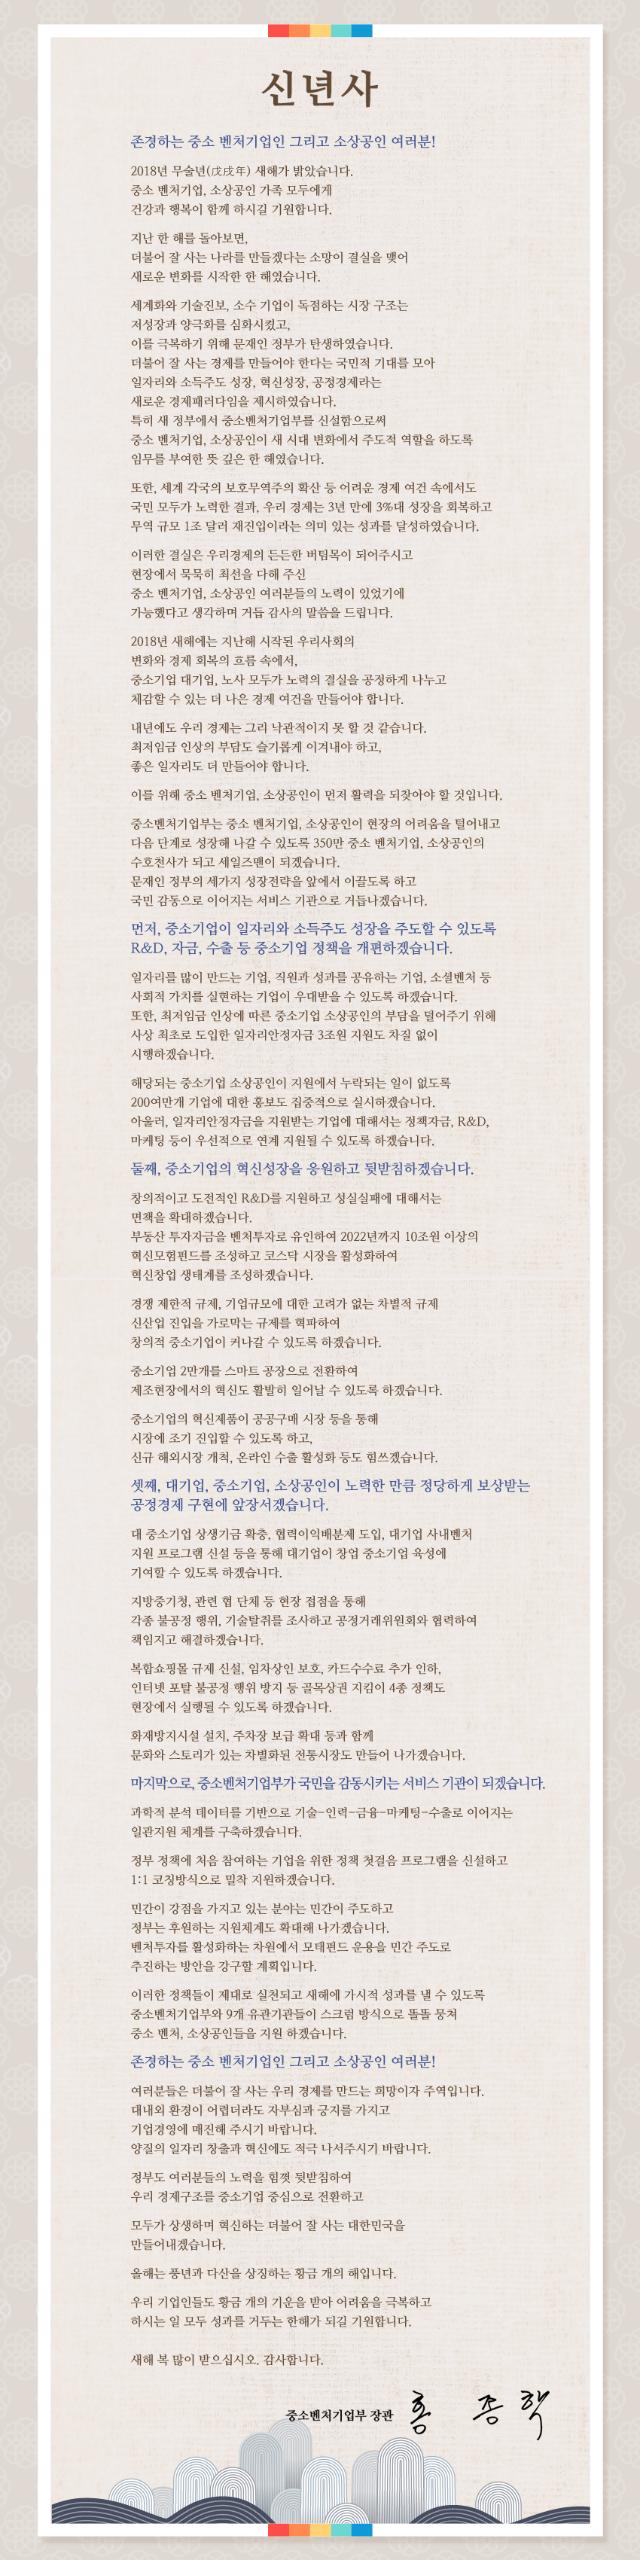 중기부_신년사_20171229(850).png